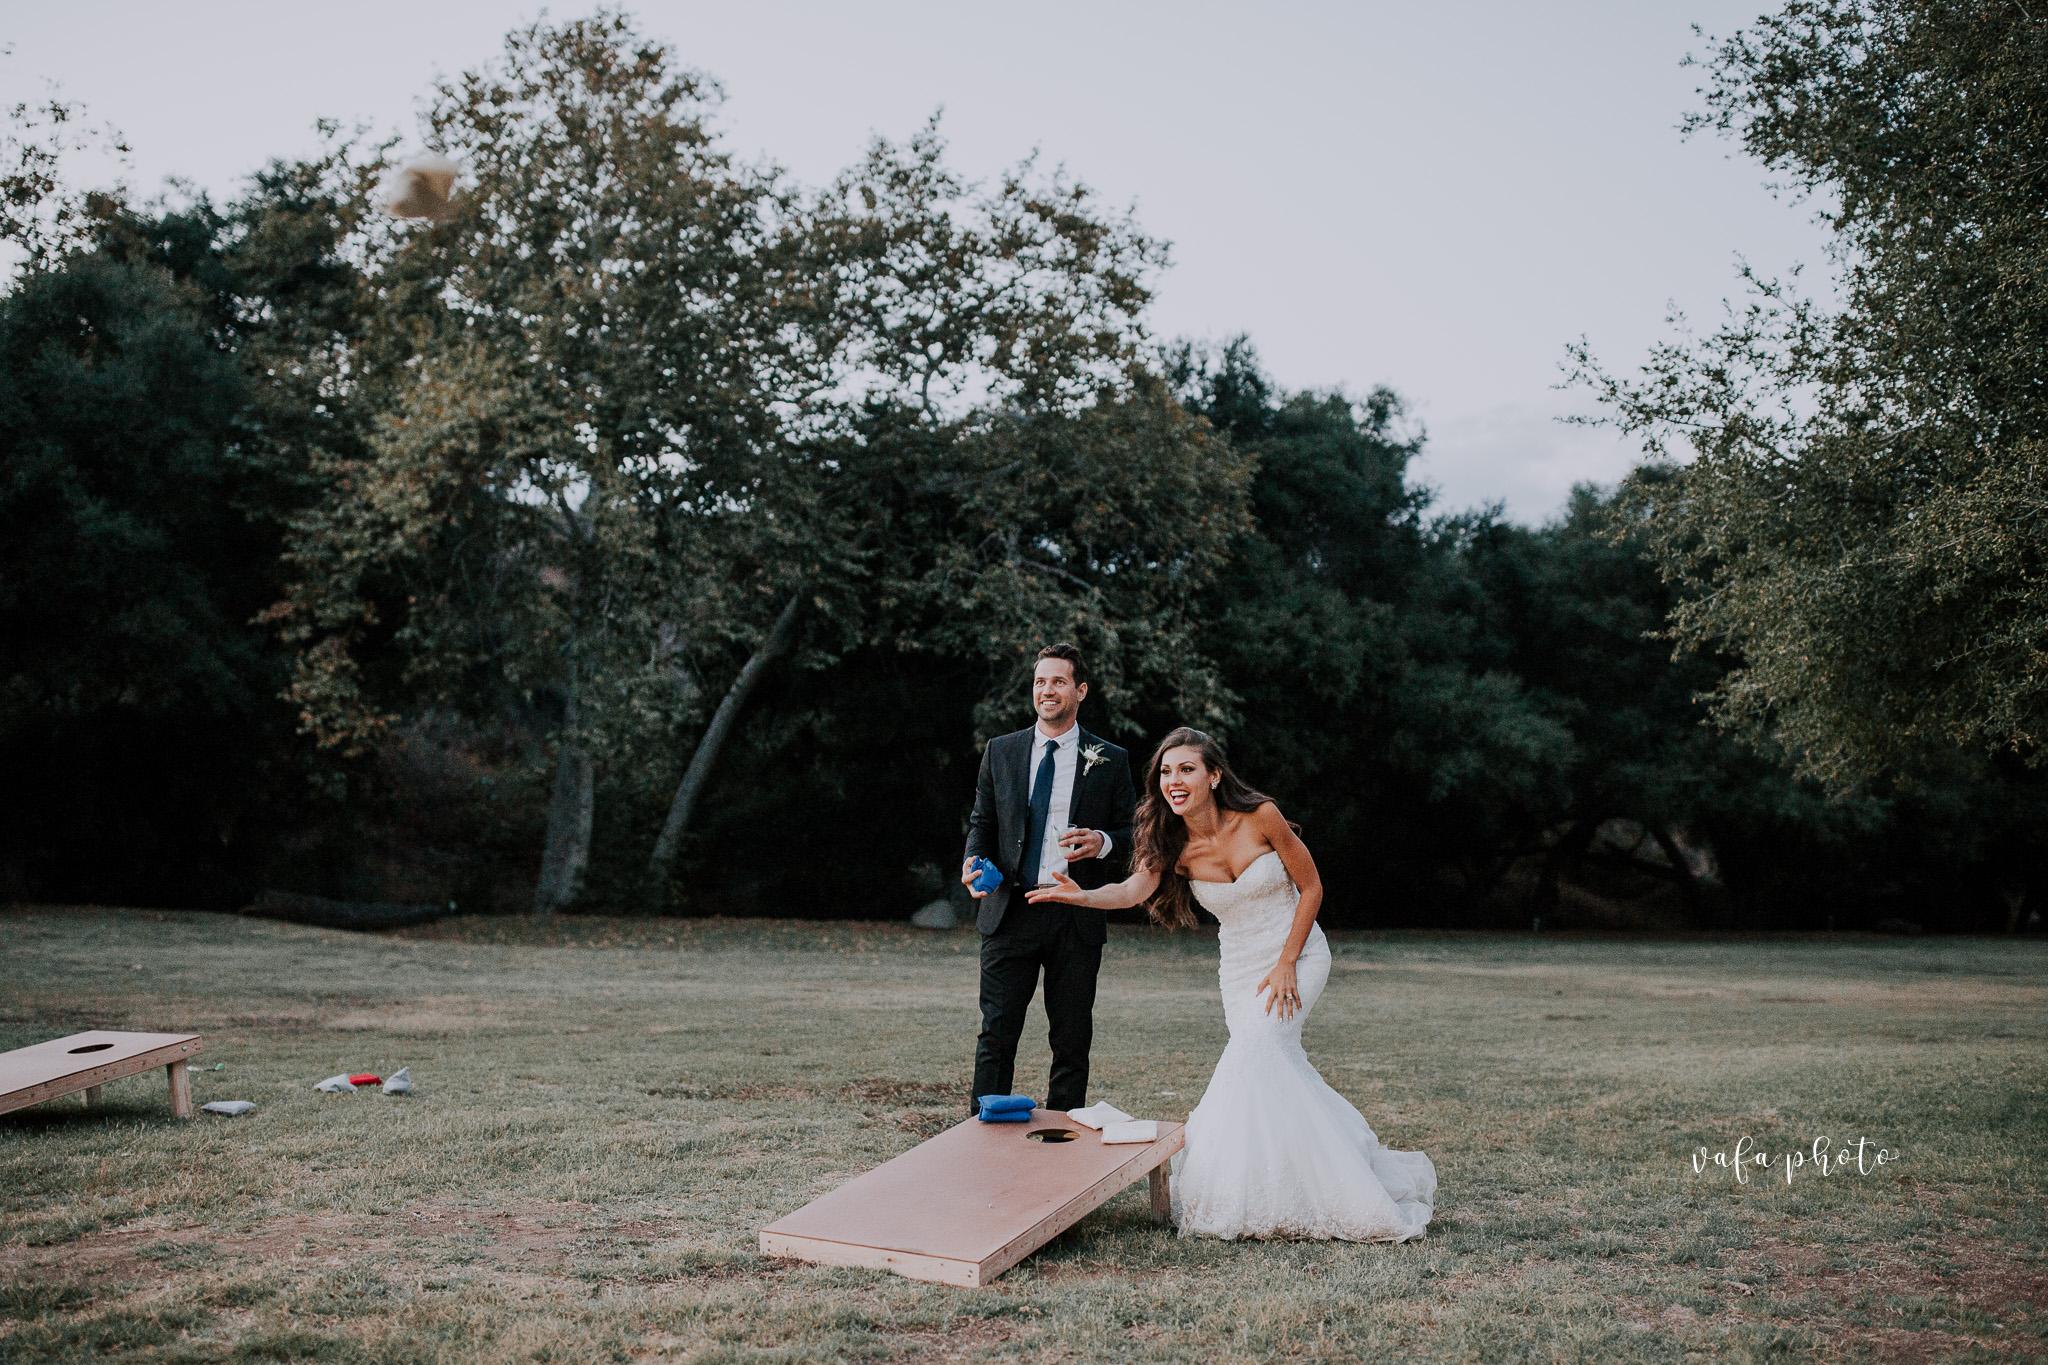 Southern-California-Wedding-Britt-Nilsson-Jeremy-Byrne-Vafa-Photo-855.jpg